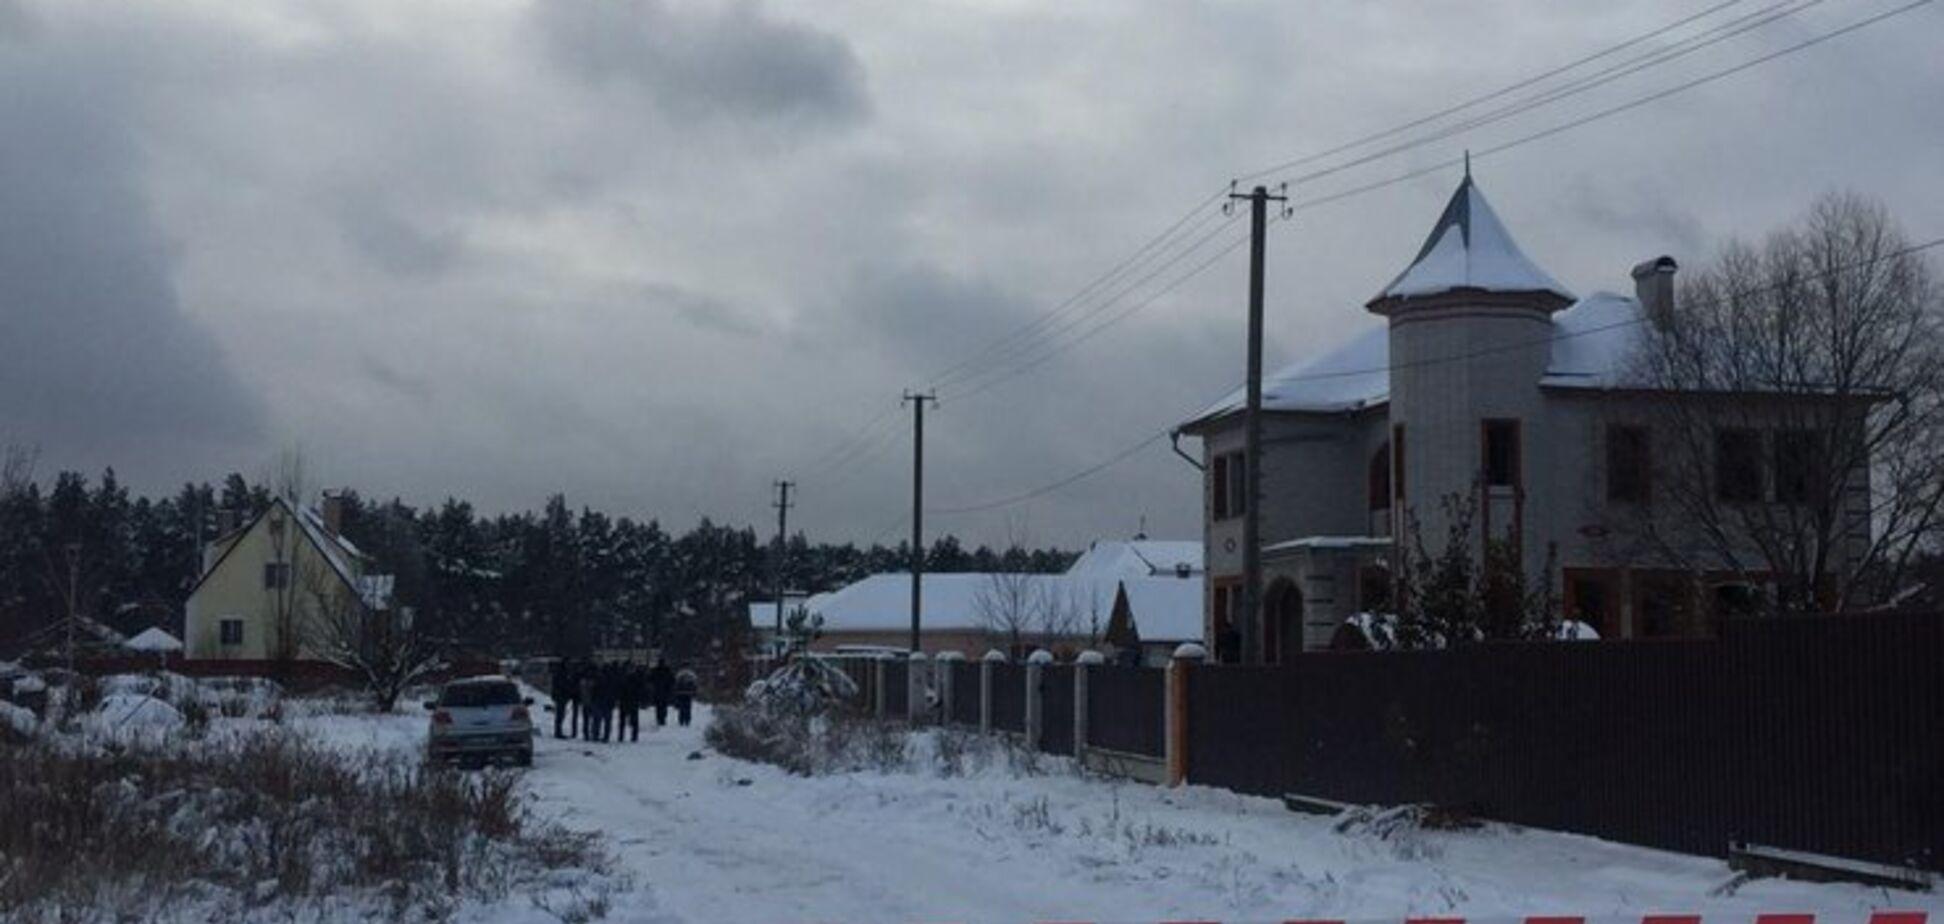 Смертельная перестрелка полиции в Княжичах: всплыли новые детали